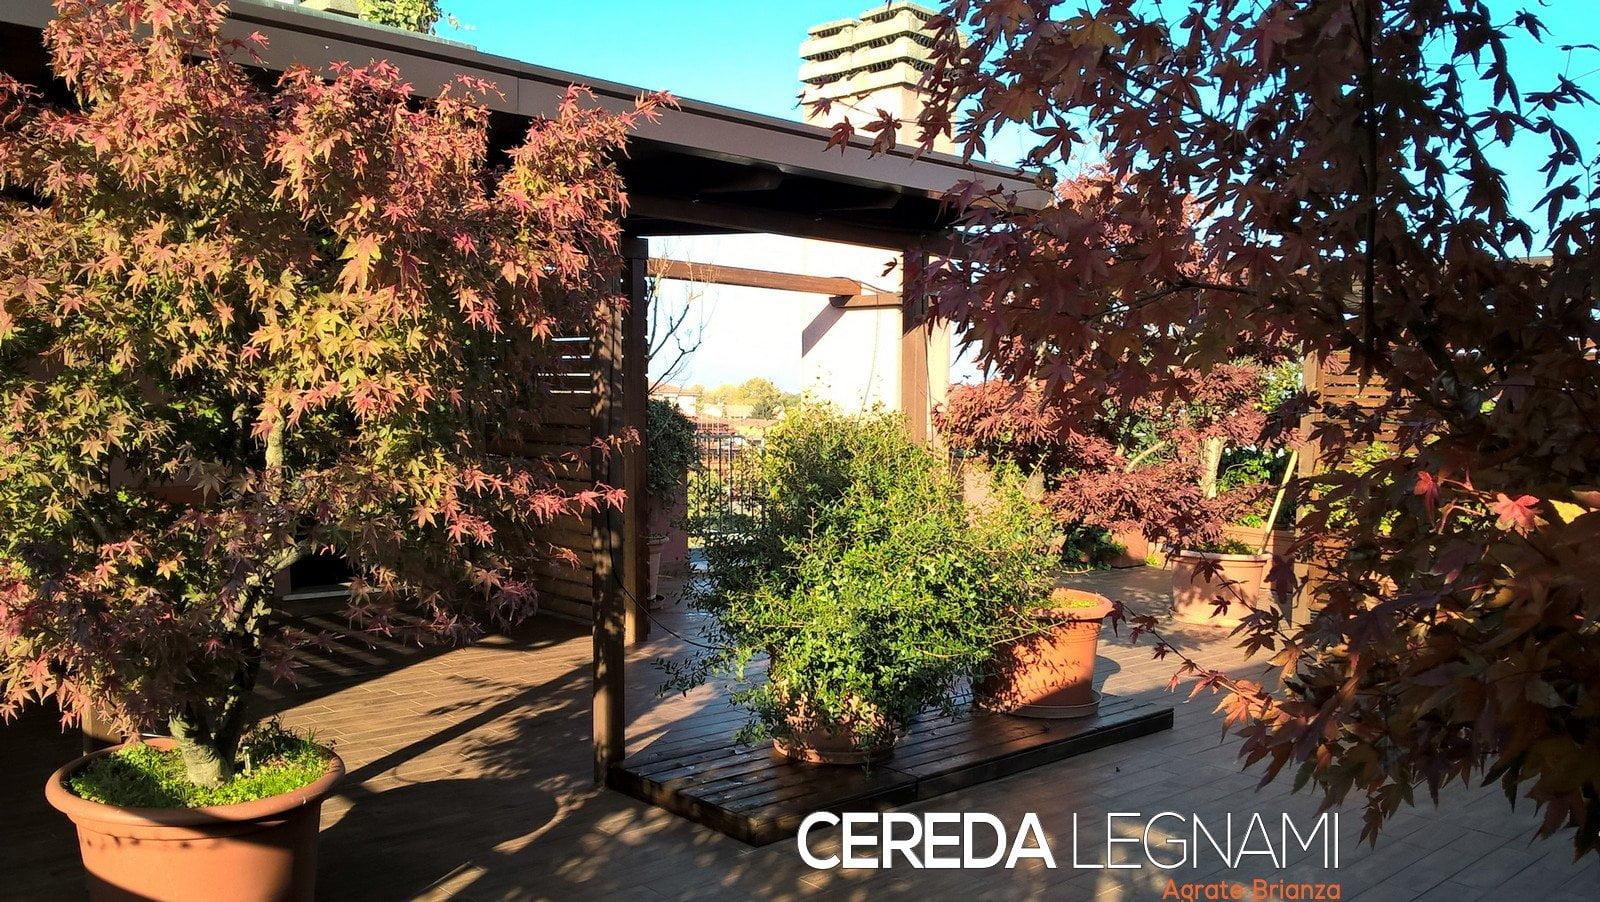 Tettoia per giardino cereda legnami agrate brianza for Cereda legnami